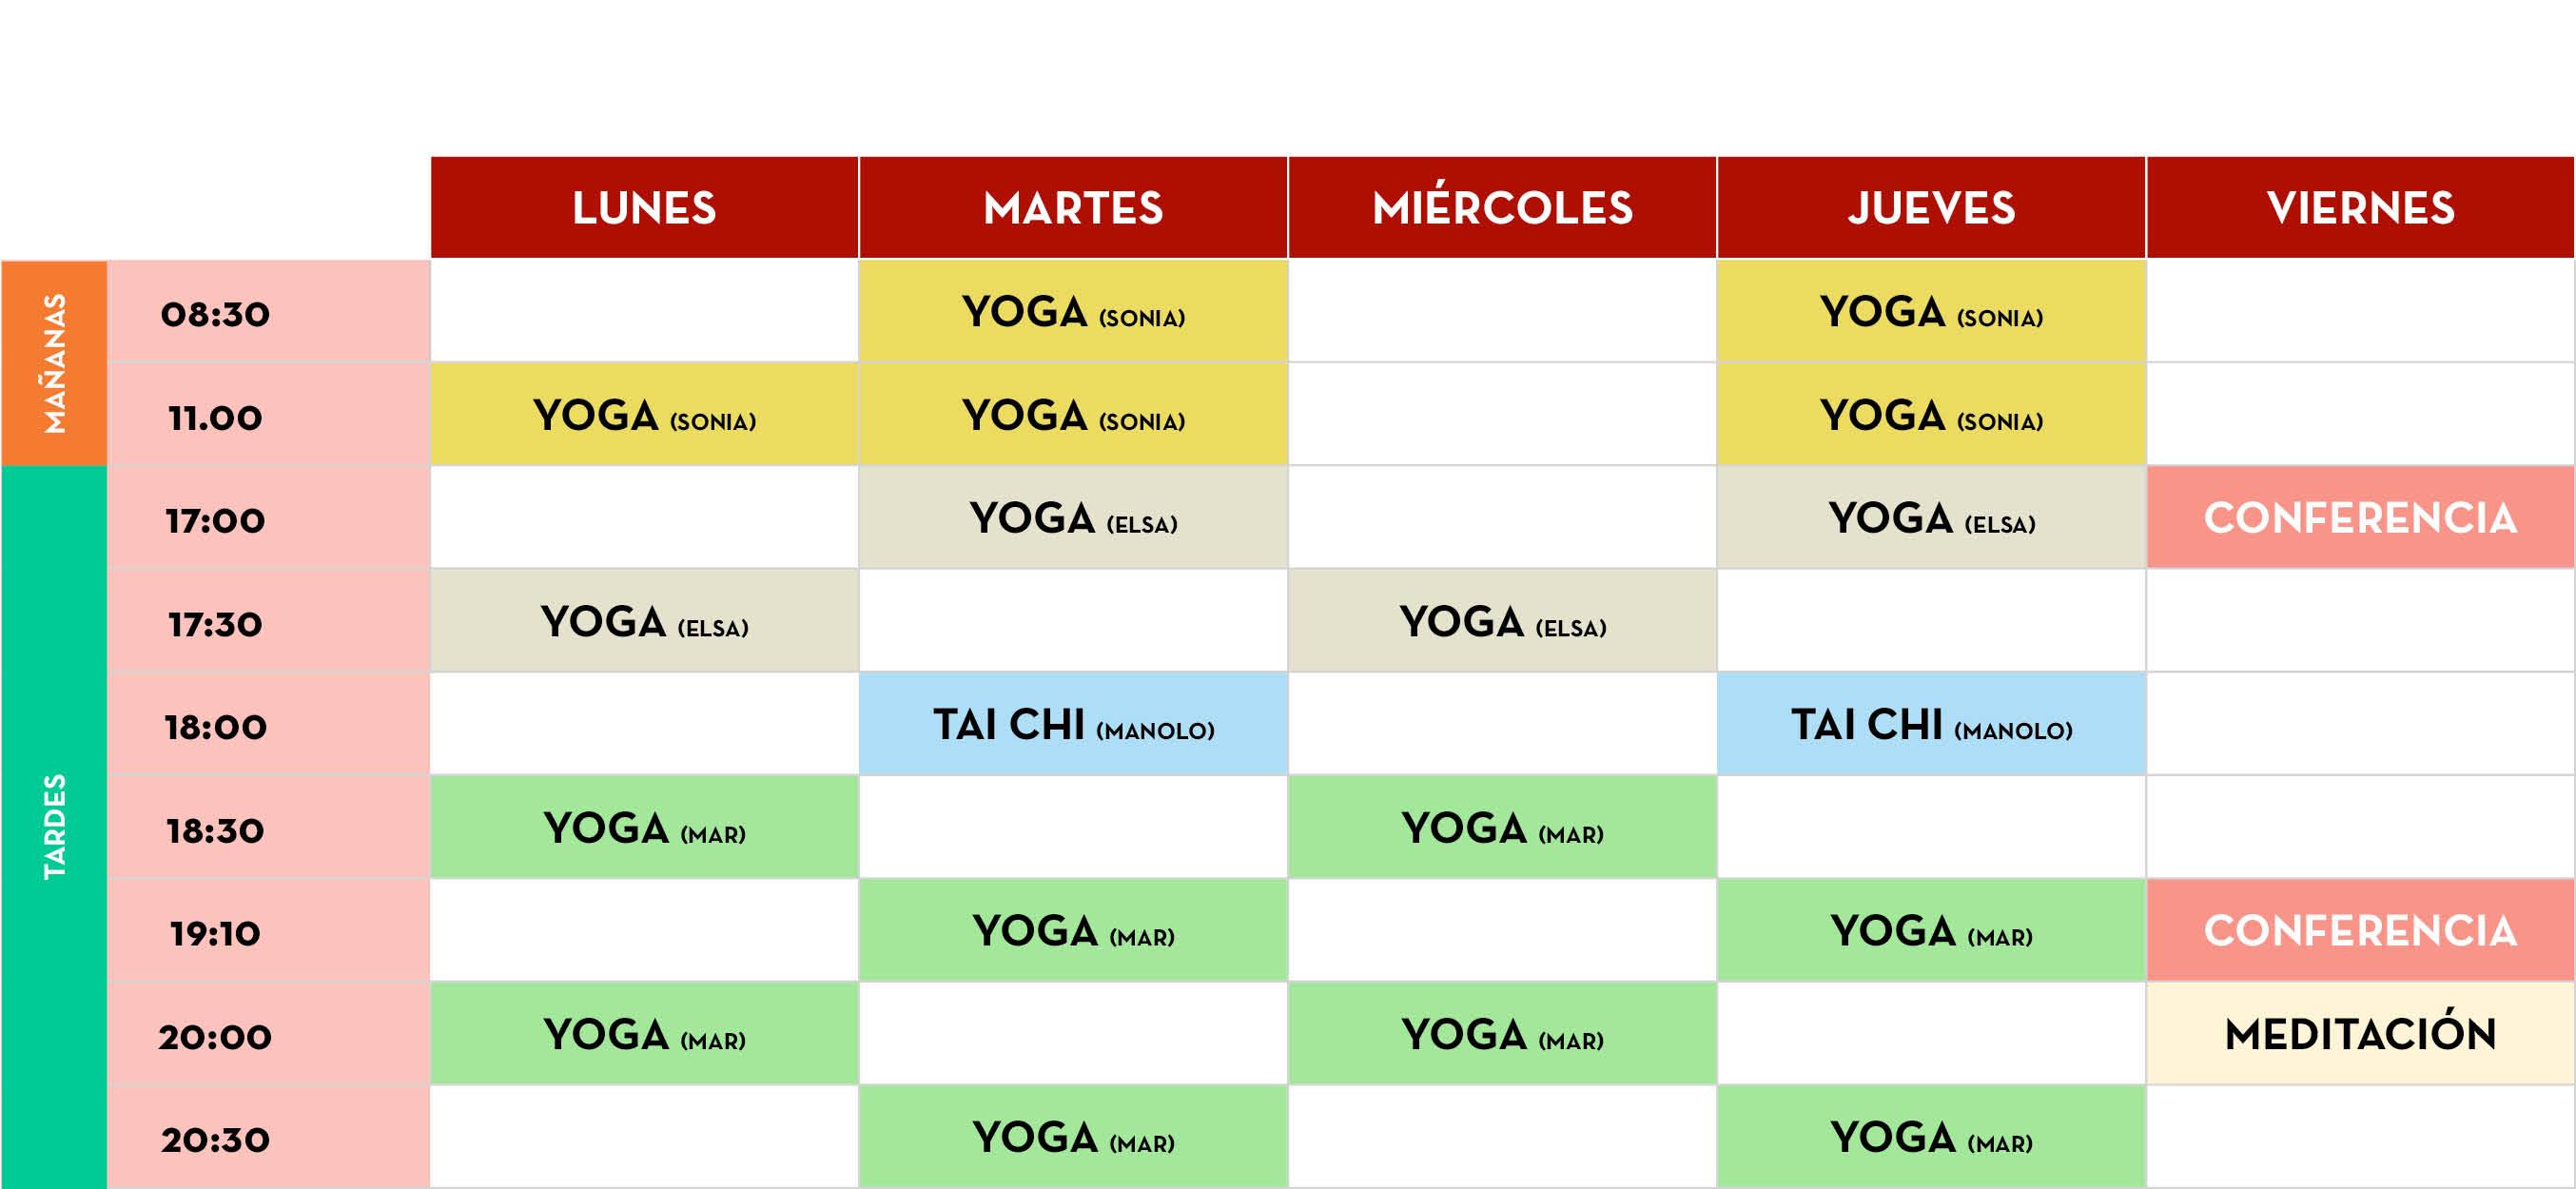 horarios yoga en valladolid, liashi valladolid, actividades, tai chi, meditación